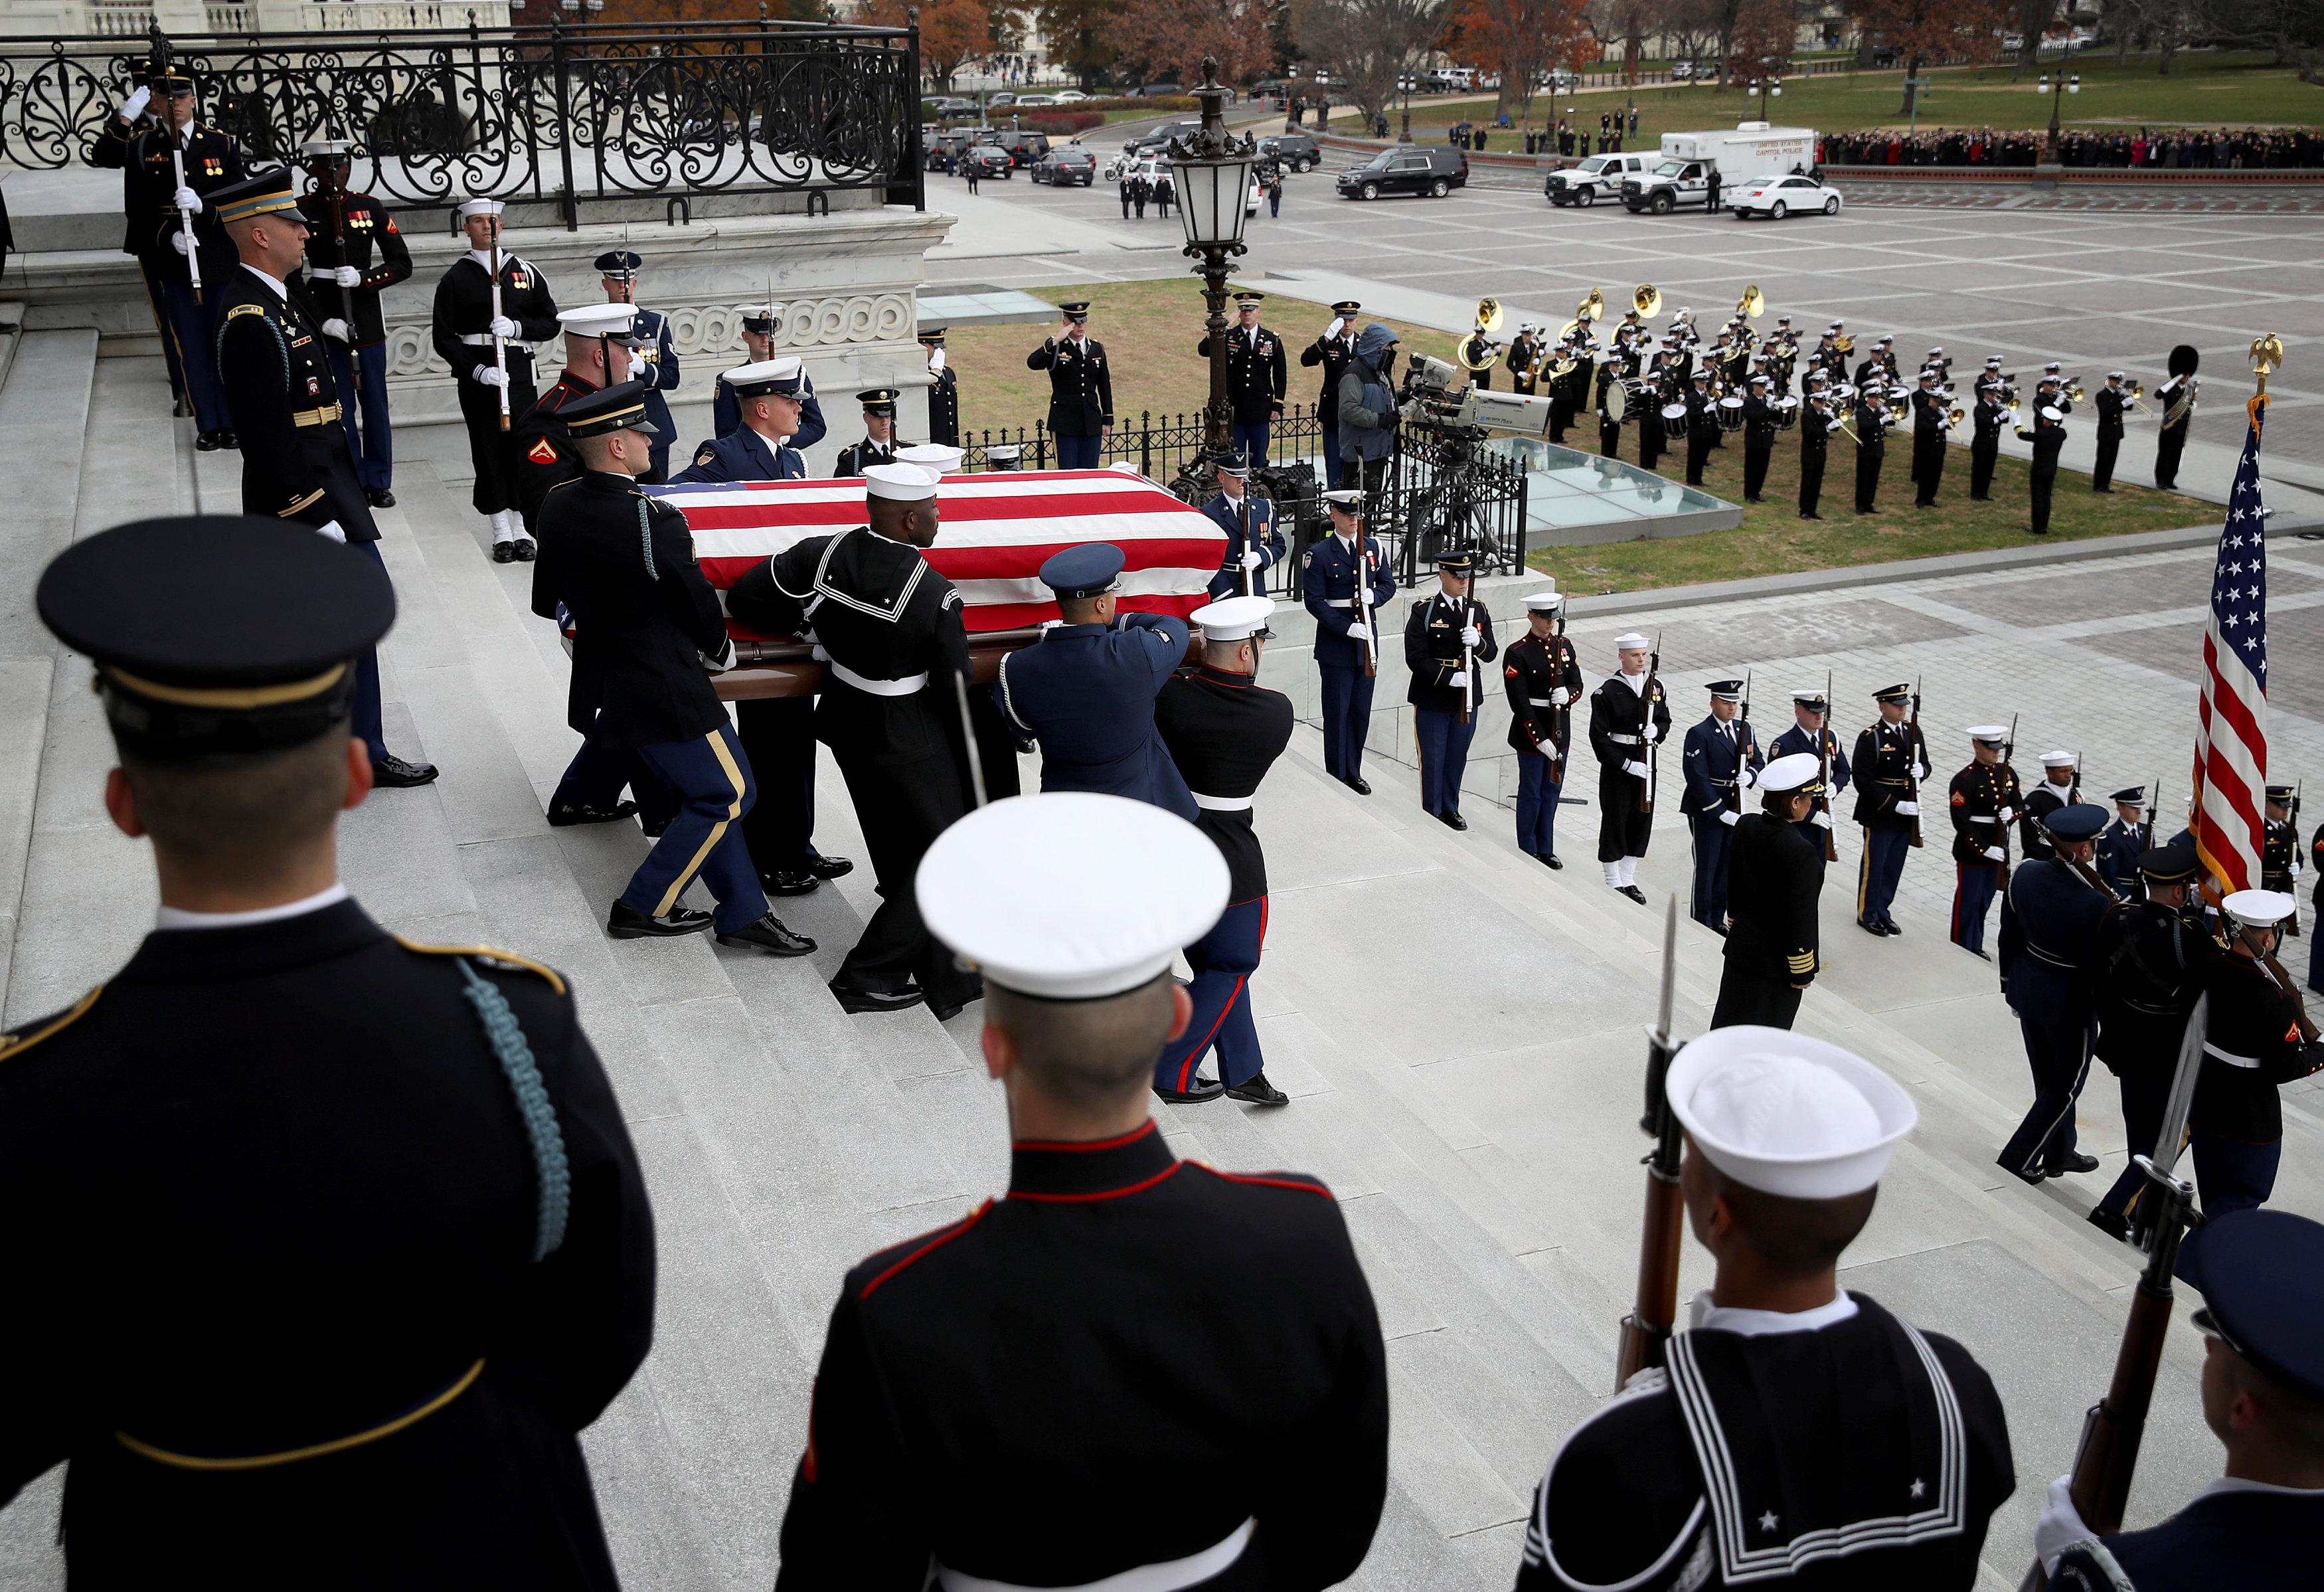 انطلاق مراسم جنازة الرئيس الأمريكى جورج بوش الأب (18)